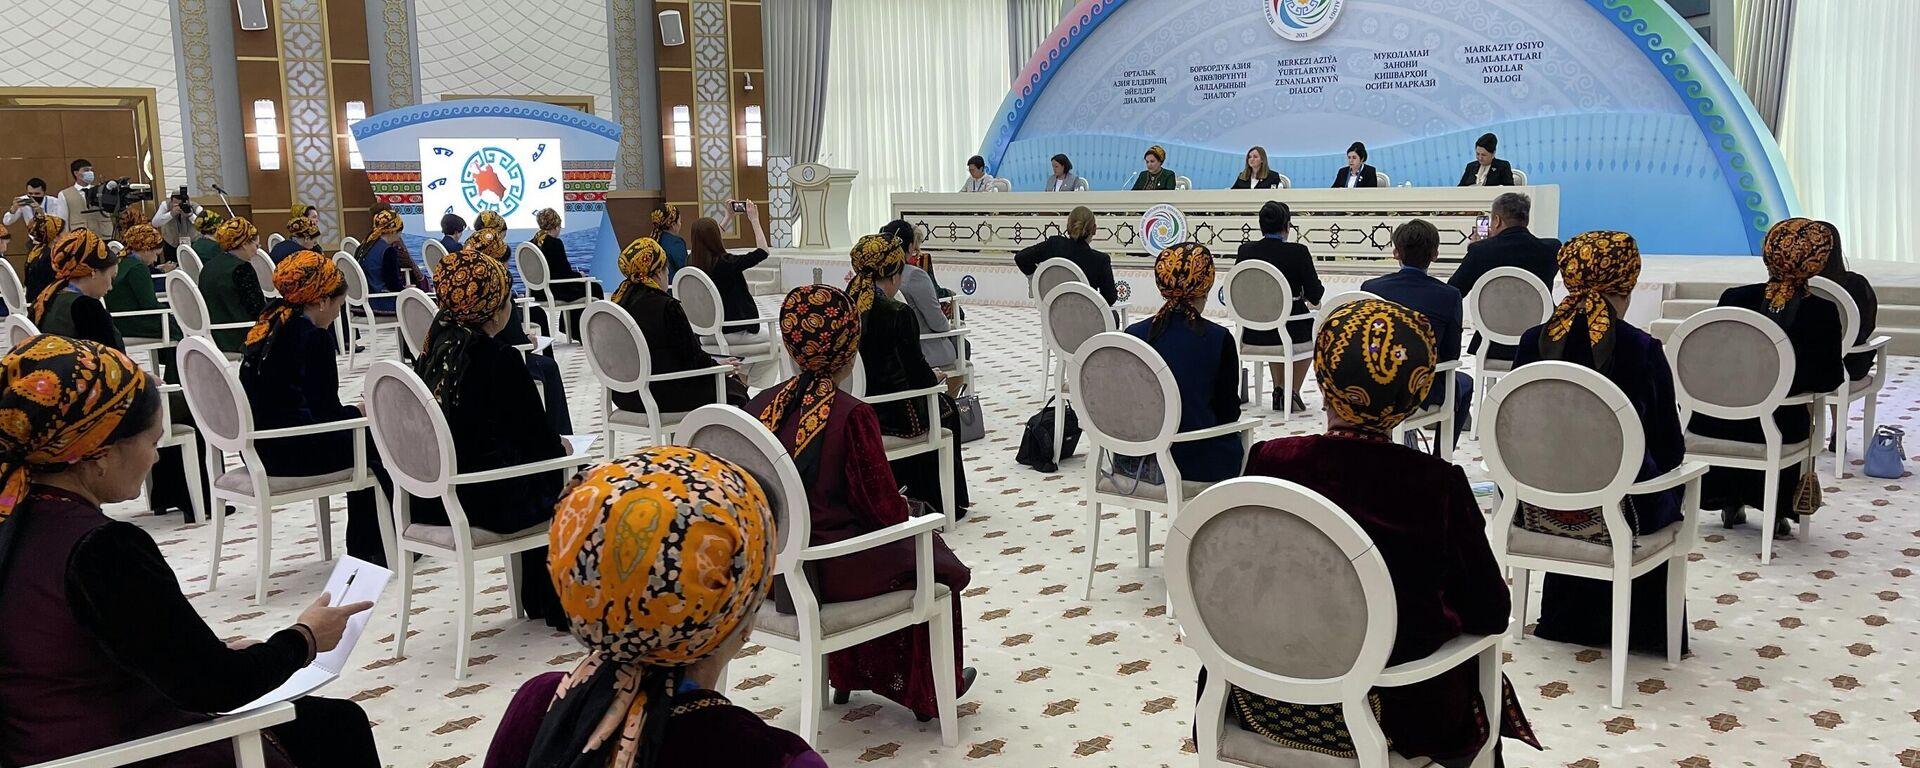 Форум Диалога женщин-лидеров стран Центральной Азии - Sputnik Узбекистан, 1920, 06.08.2021